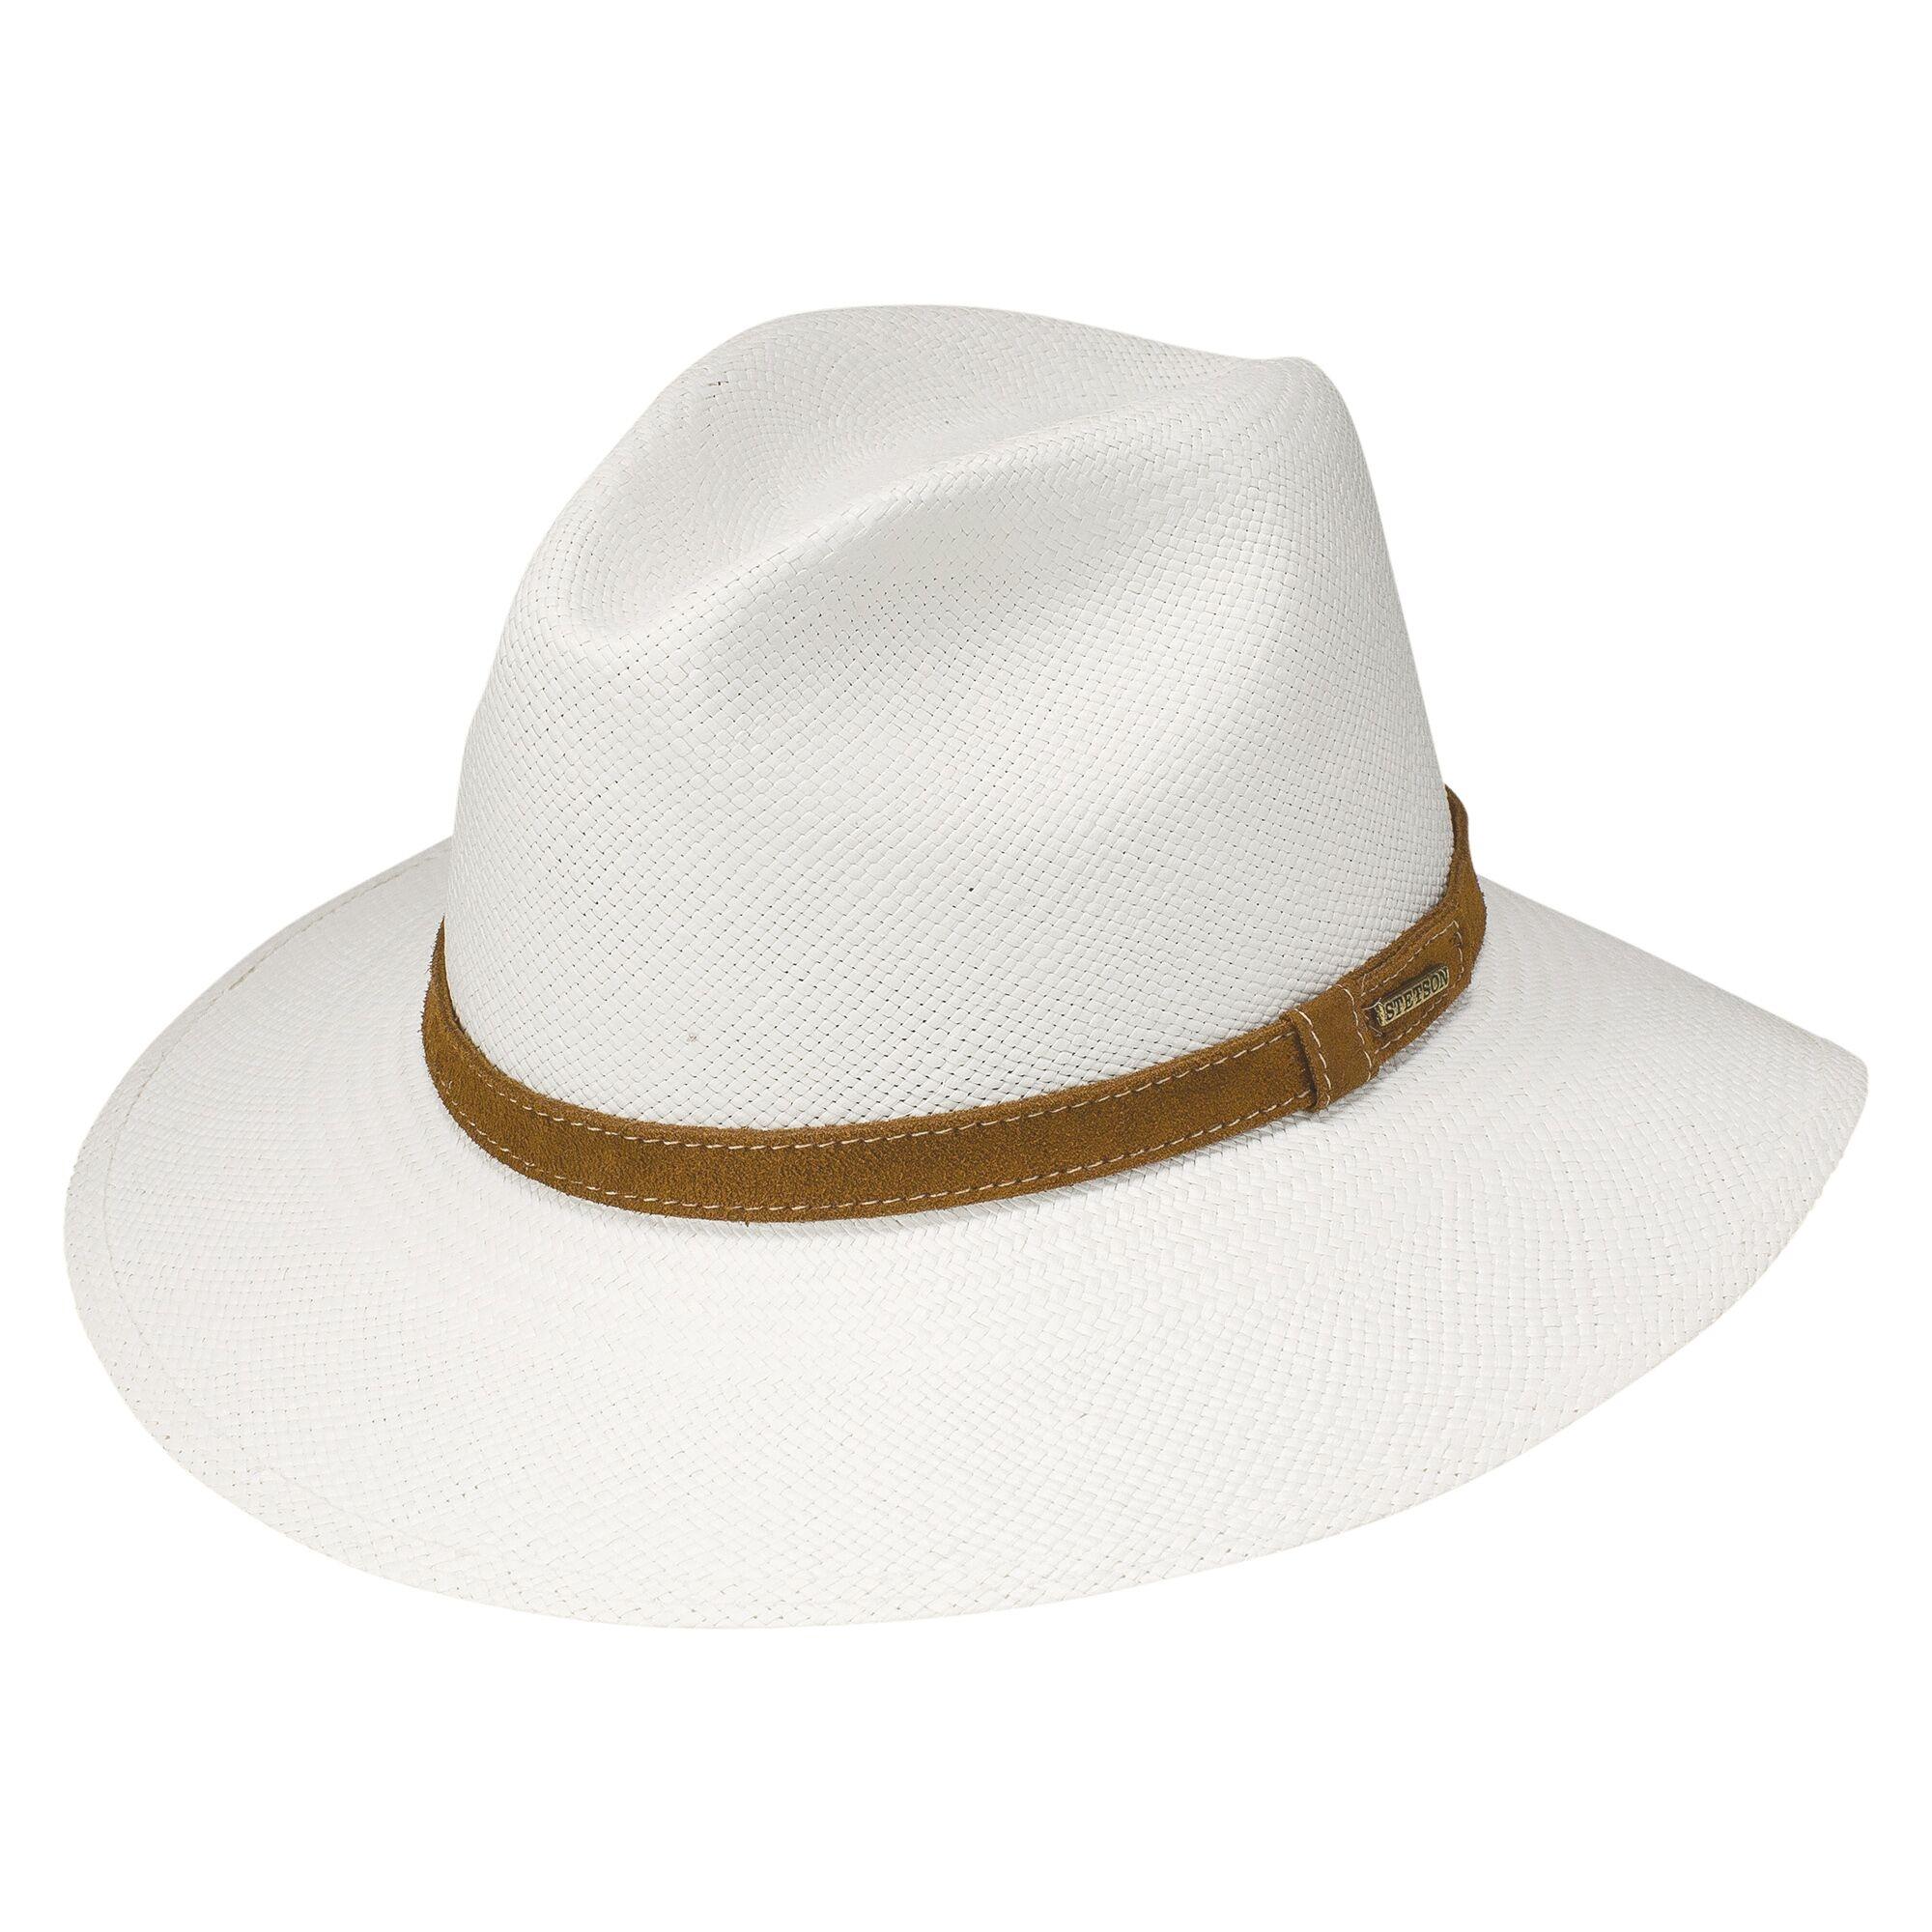 Stetson Modern - Straw Fedora Hat